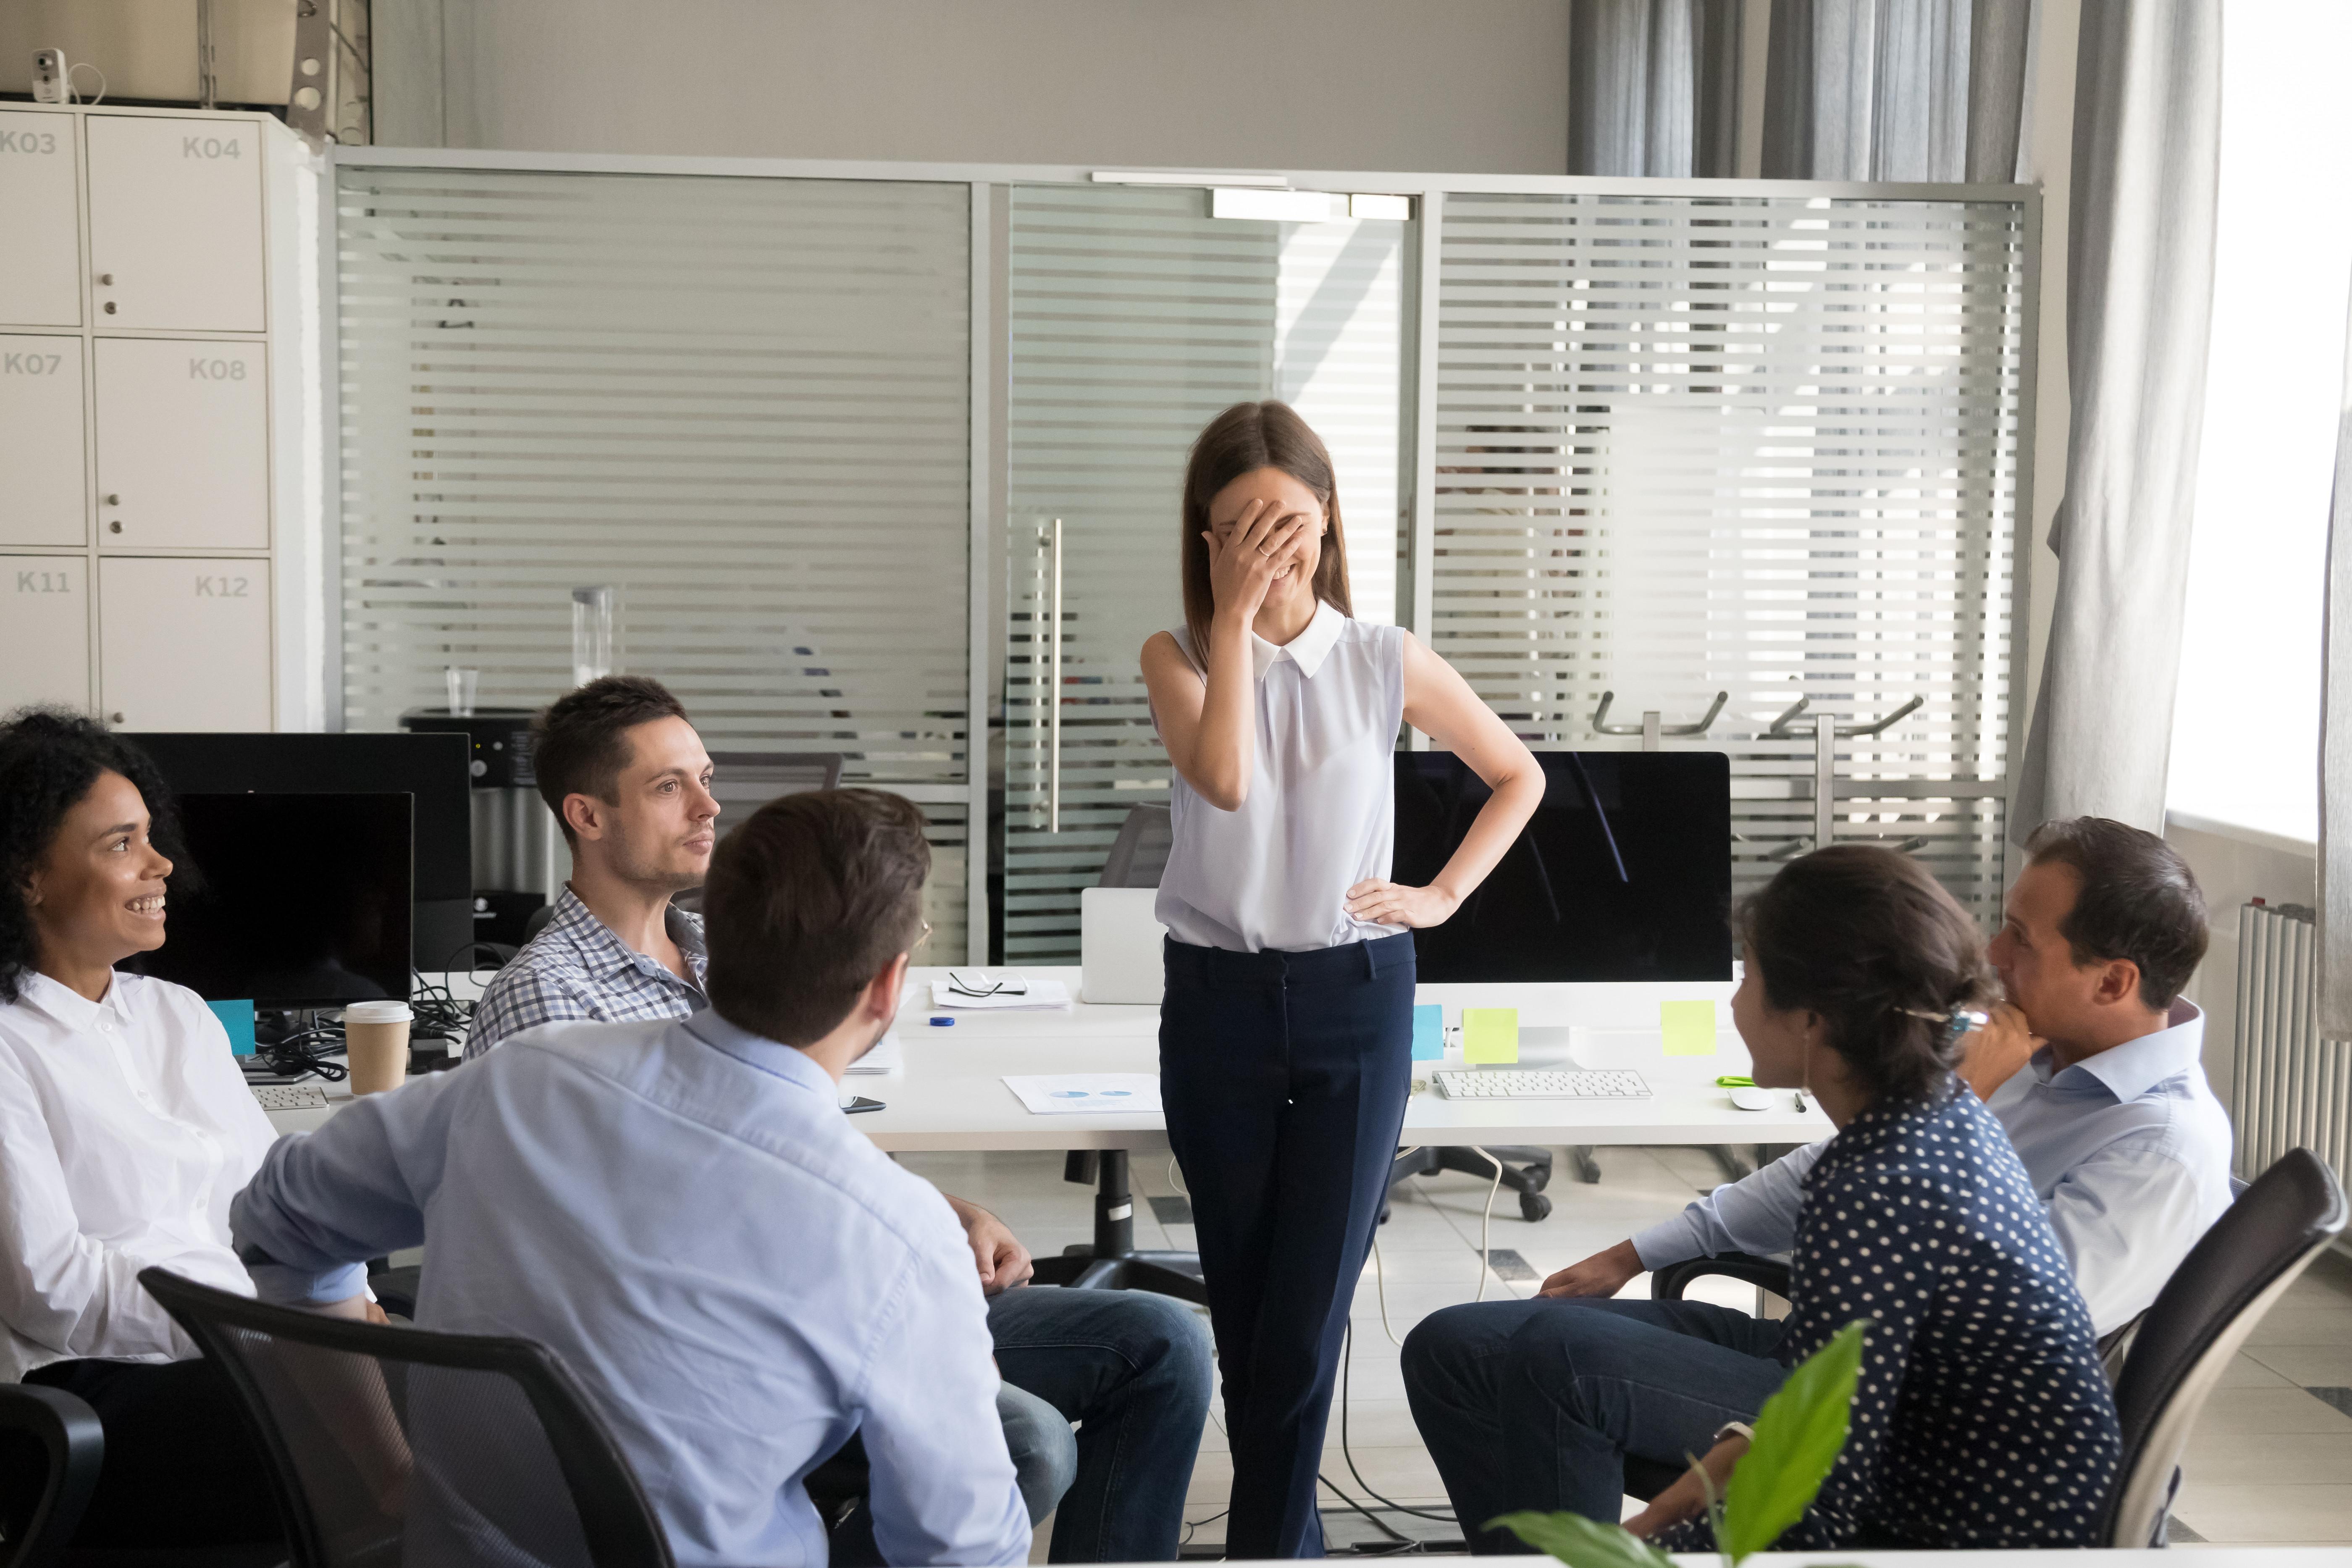 11 dicas para superar a timidez, que pode travar conquista de emprego